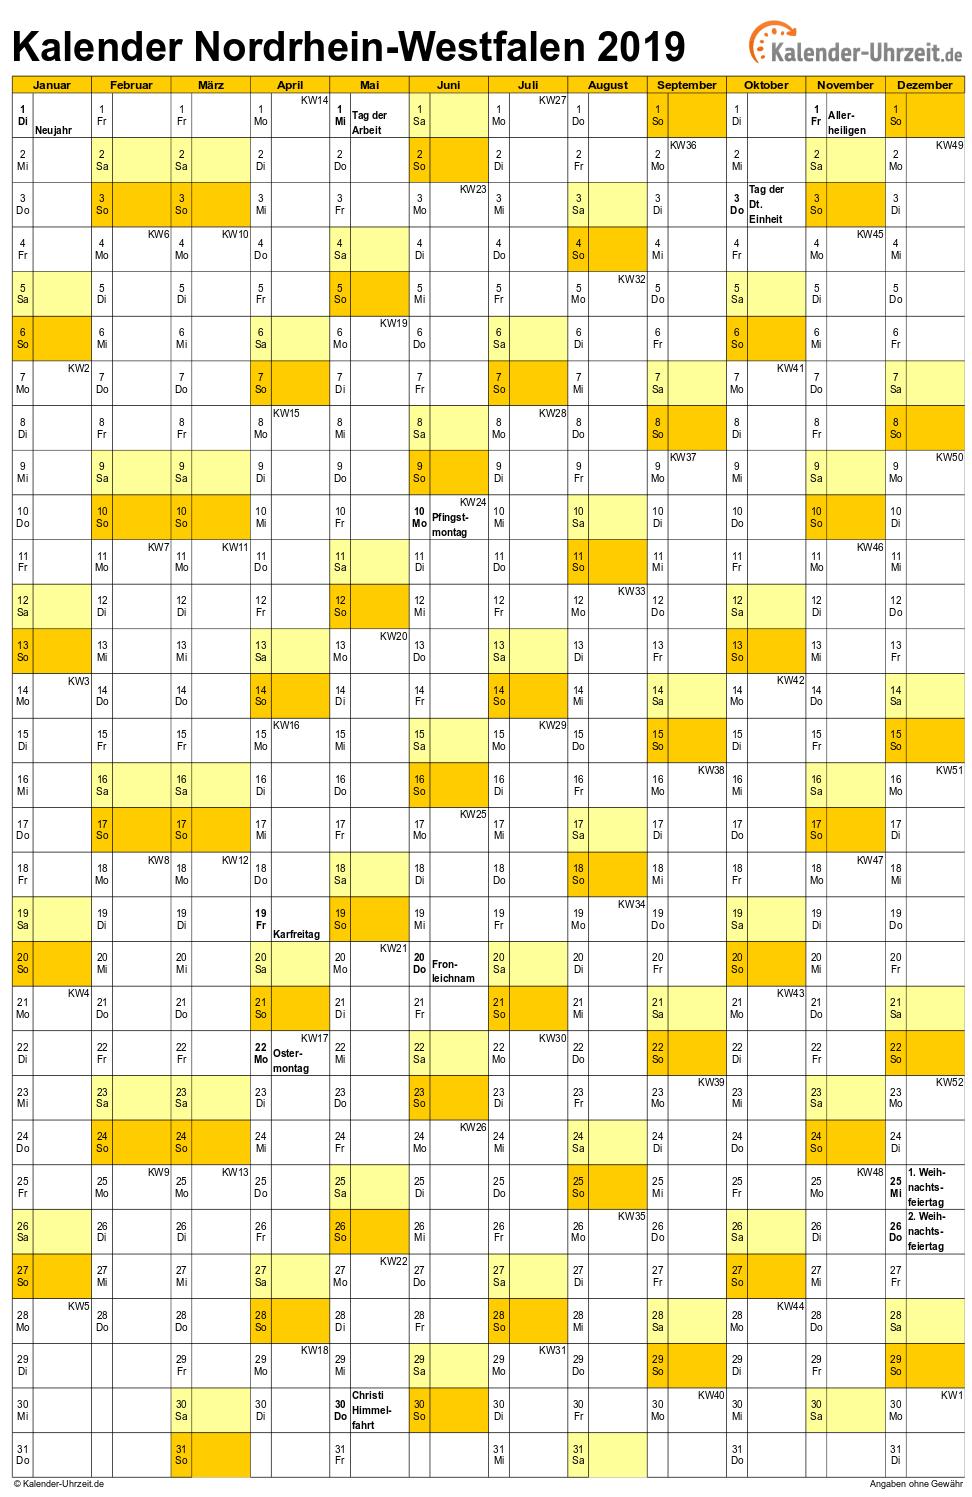 Weihnachten 2019 Nrw.Feiertage 2019 Nordrhein Westfalen Kalender